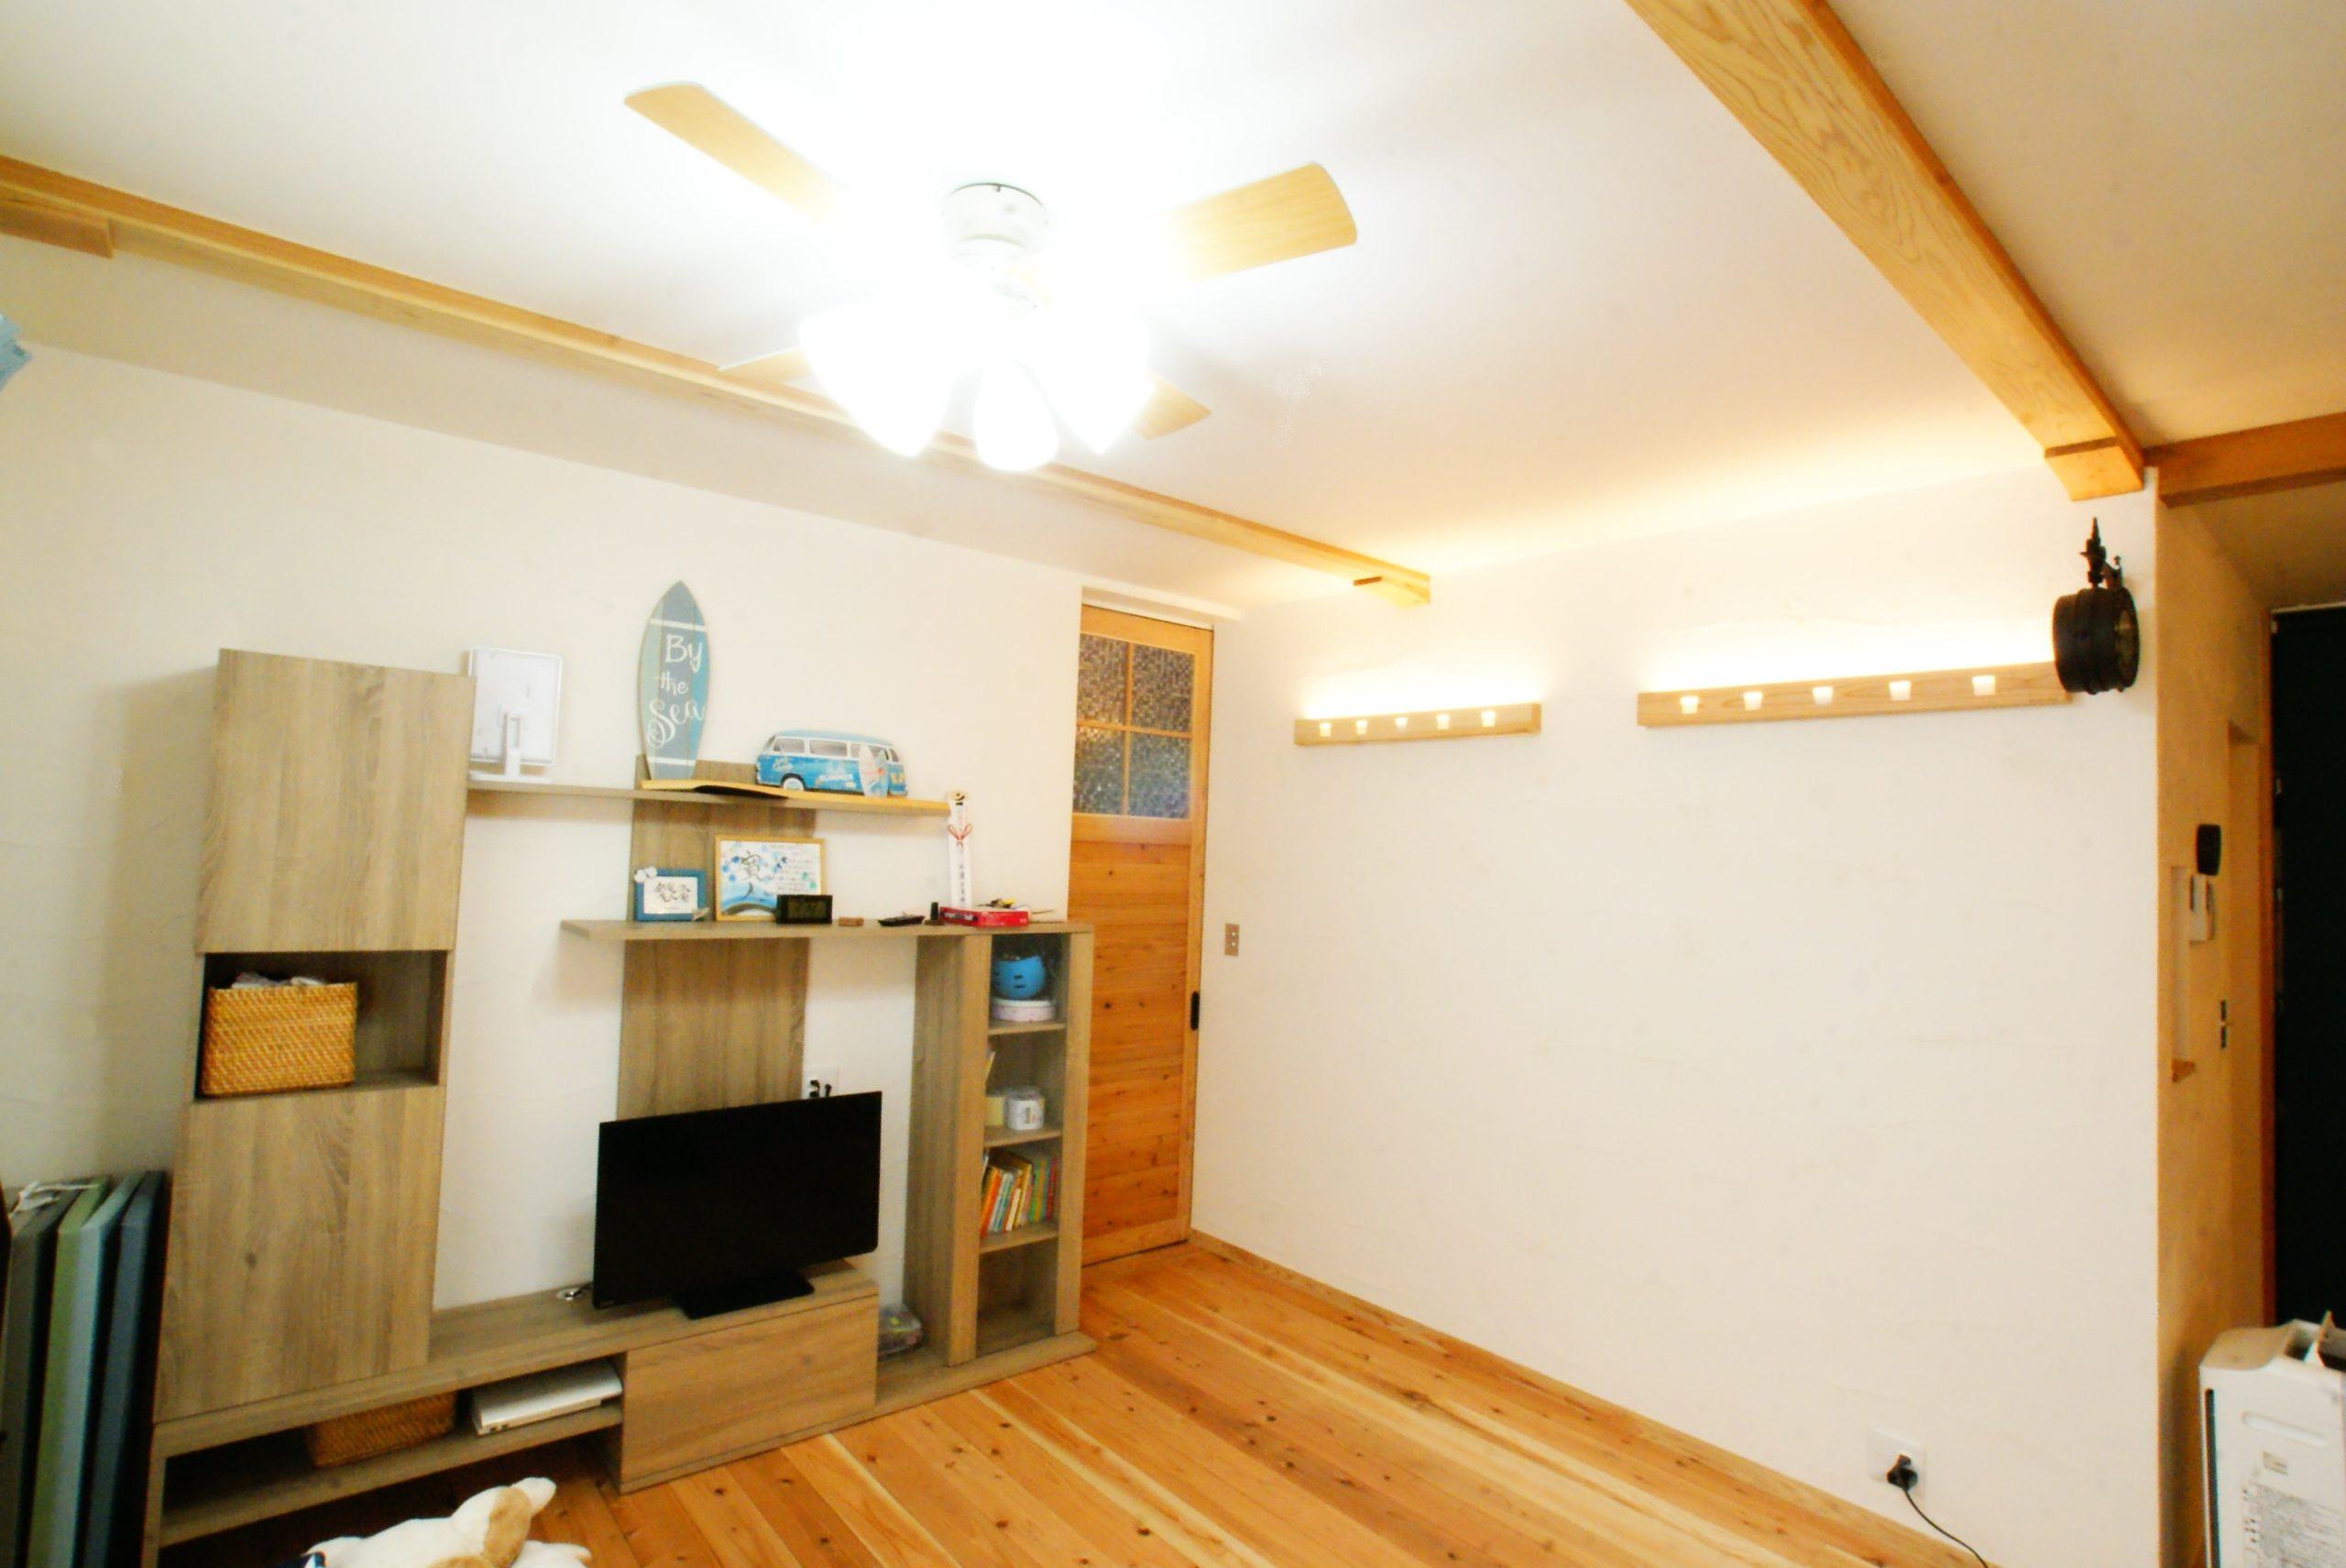 漆喰の白い壁と杉材がよく合います。